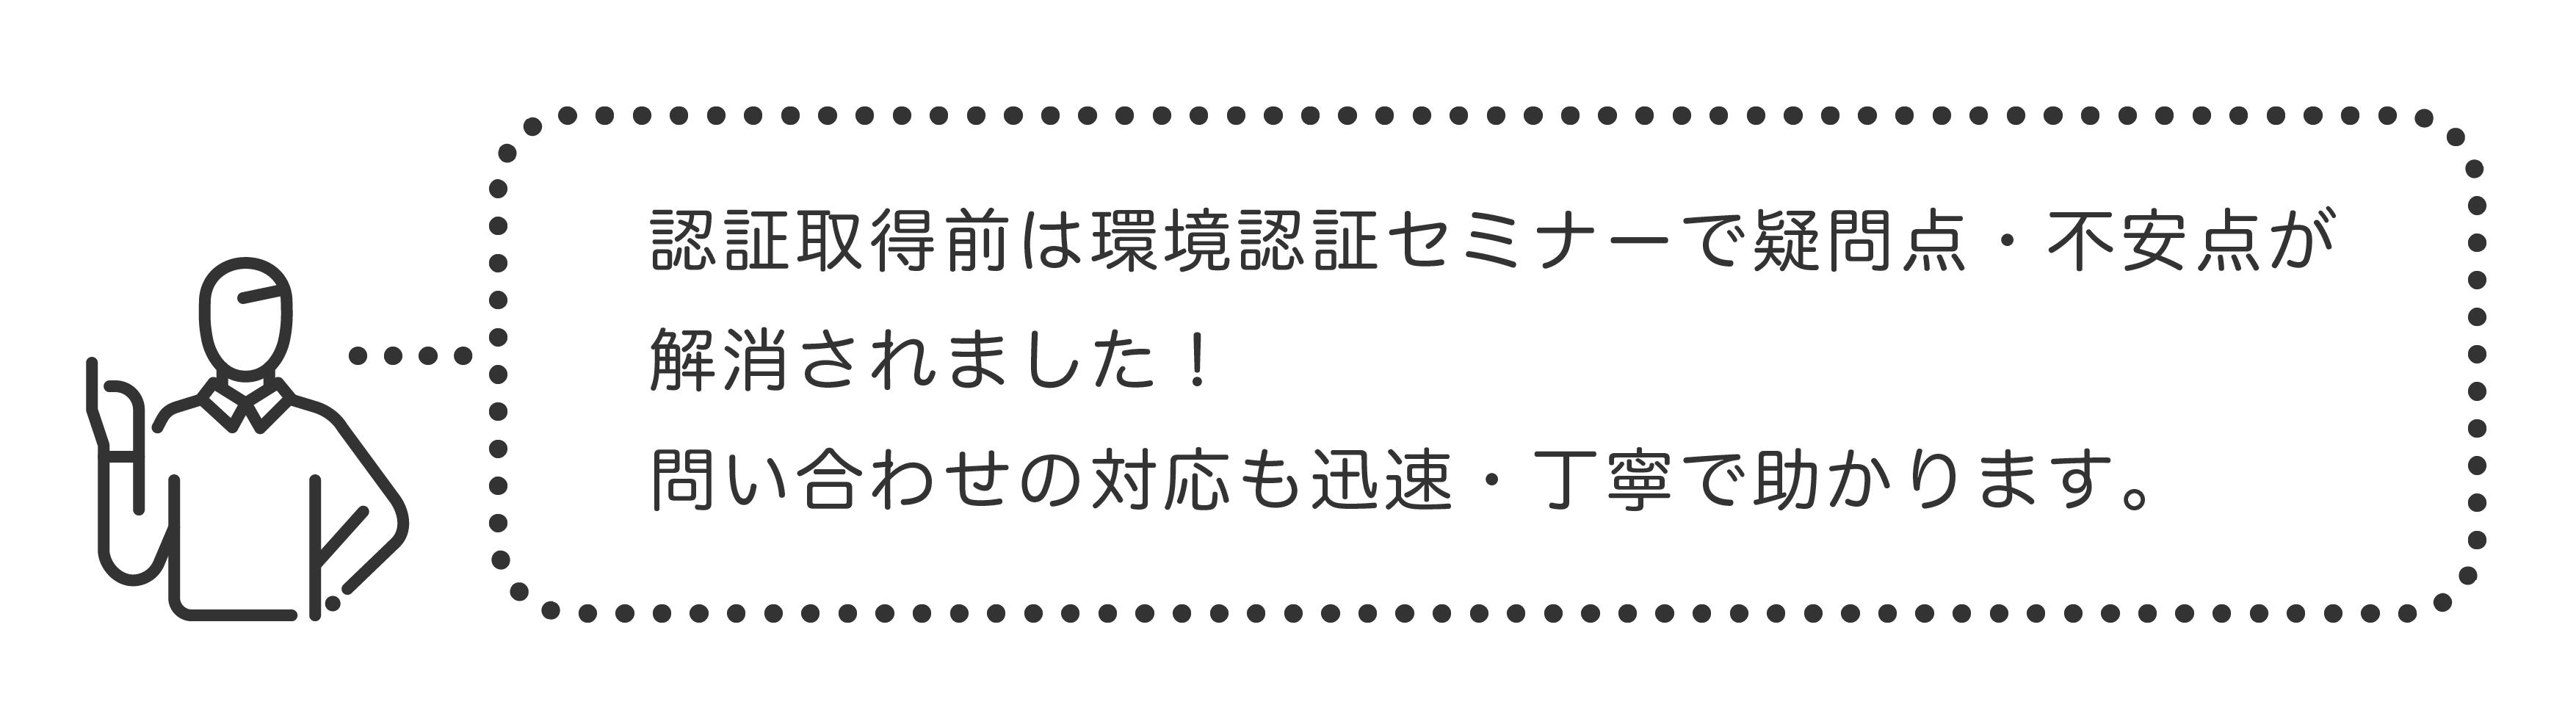 Ninsho_Fukidasi-1wh.png